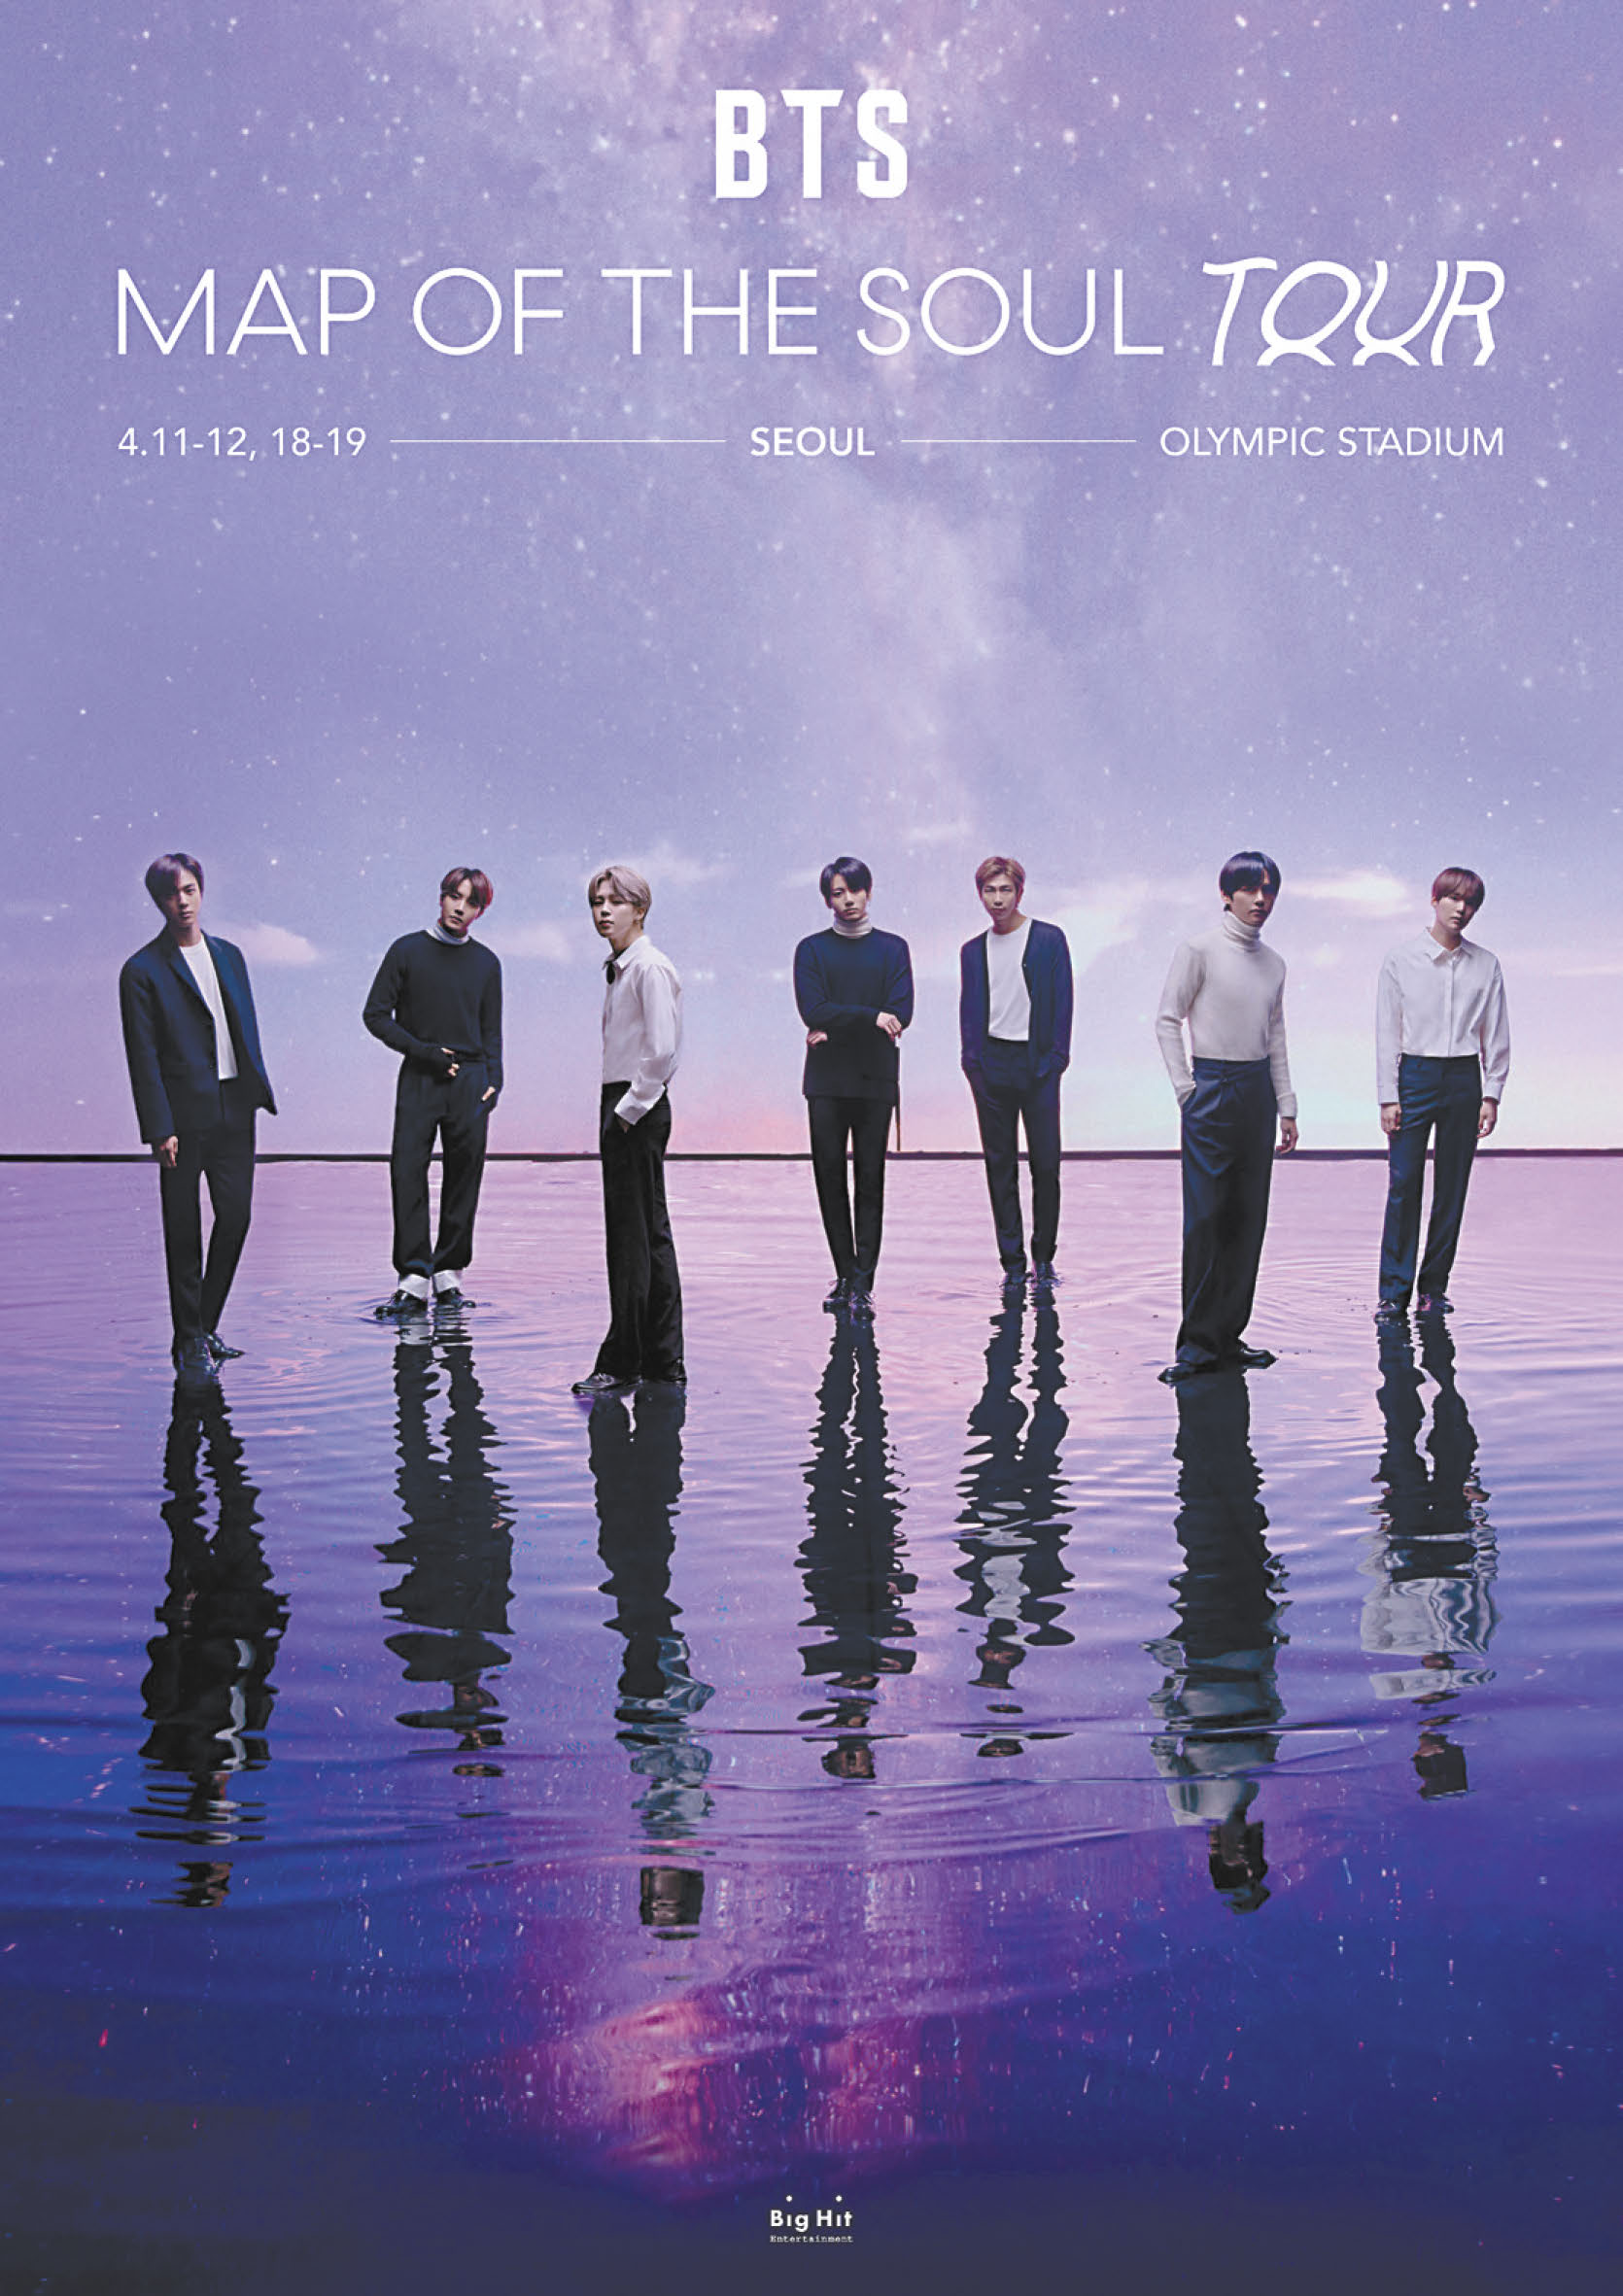 韓國超級天團BTS宣布將於五月至帕沙迪納市玫瑰碗表演。Big Hit Entertainment